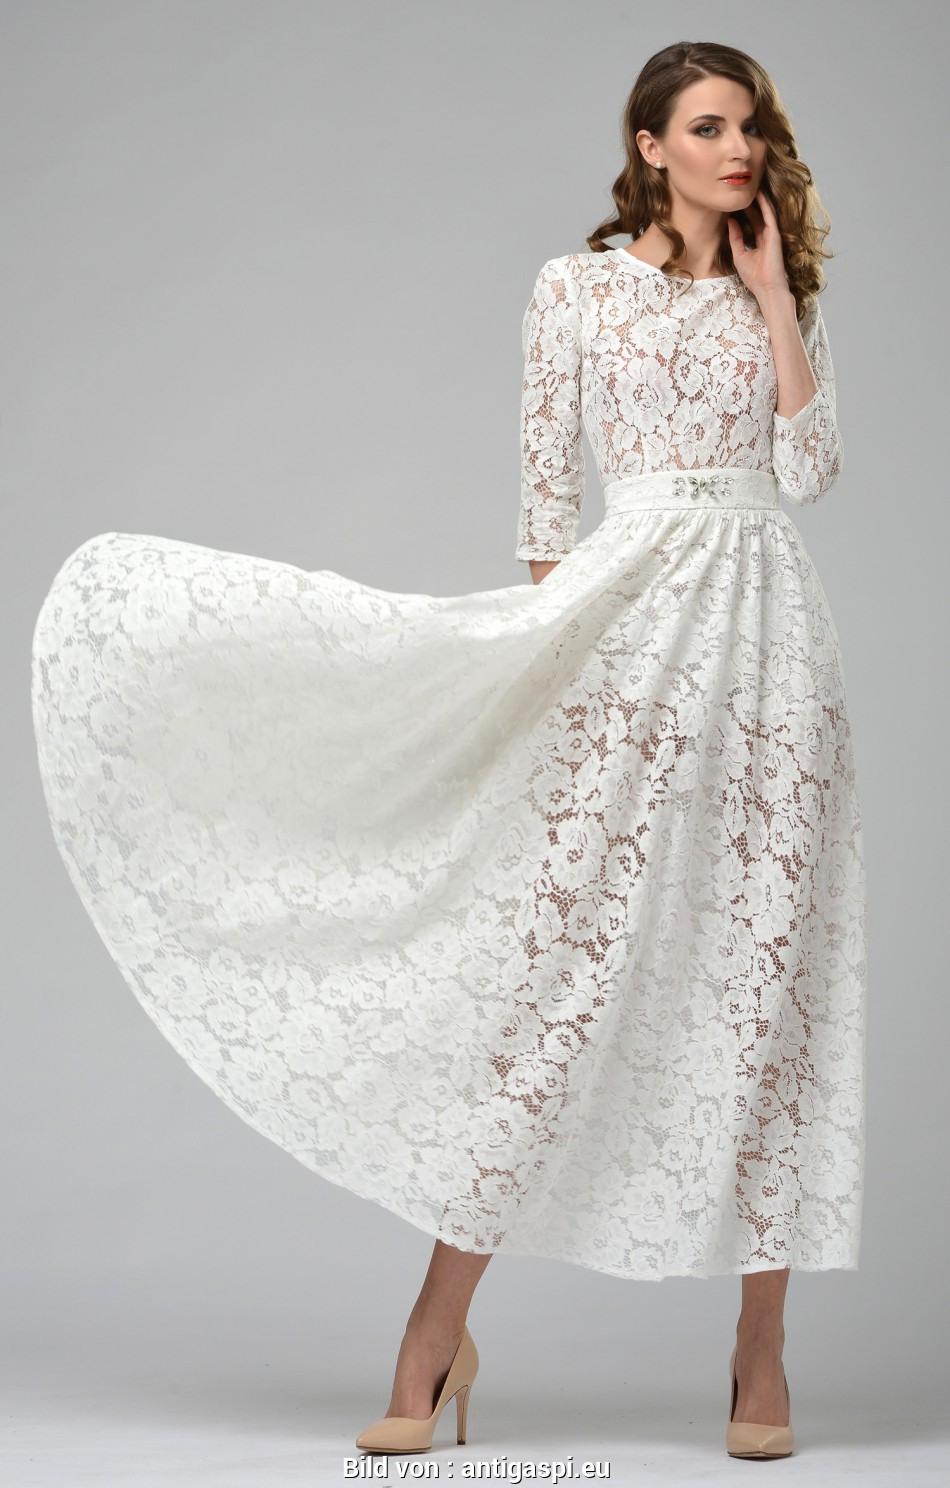 Abend Luxurius Weiße Kleider Mit Spitze GalerieAbend Schön Weiße Kleider Mit Spitze Bester Preis